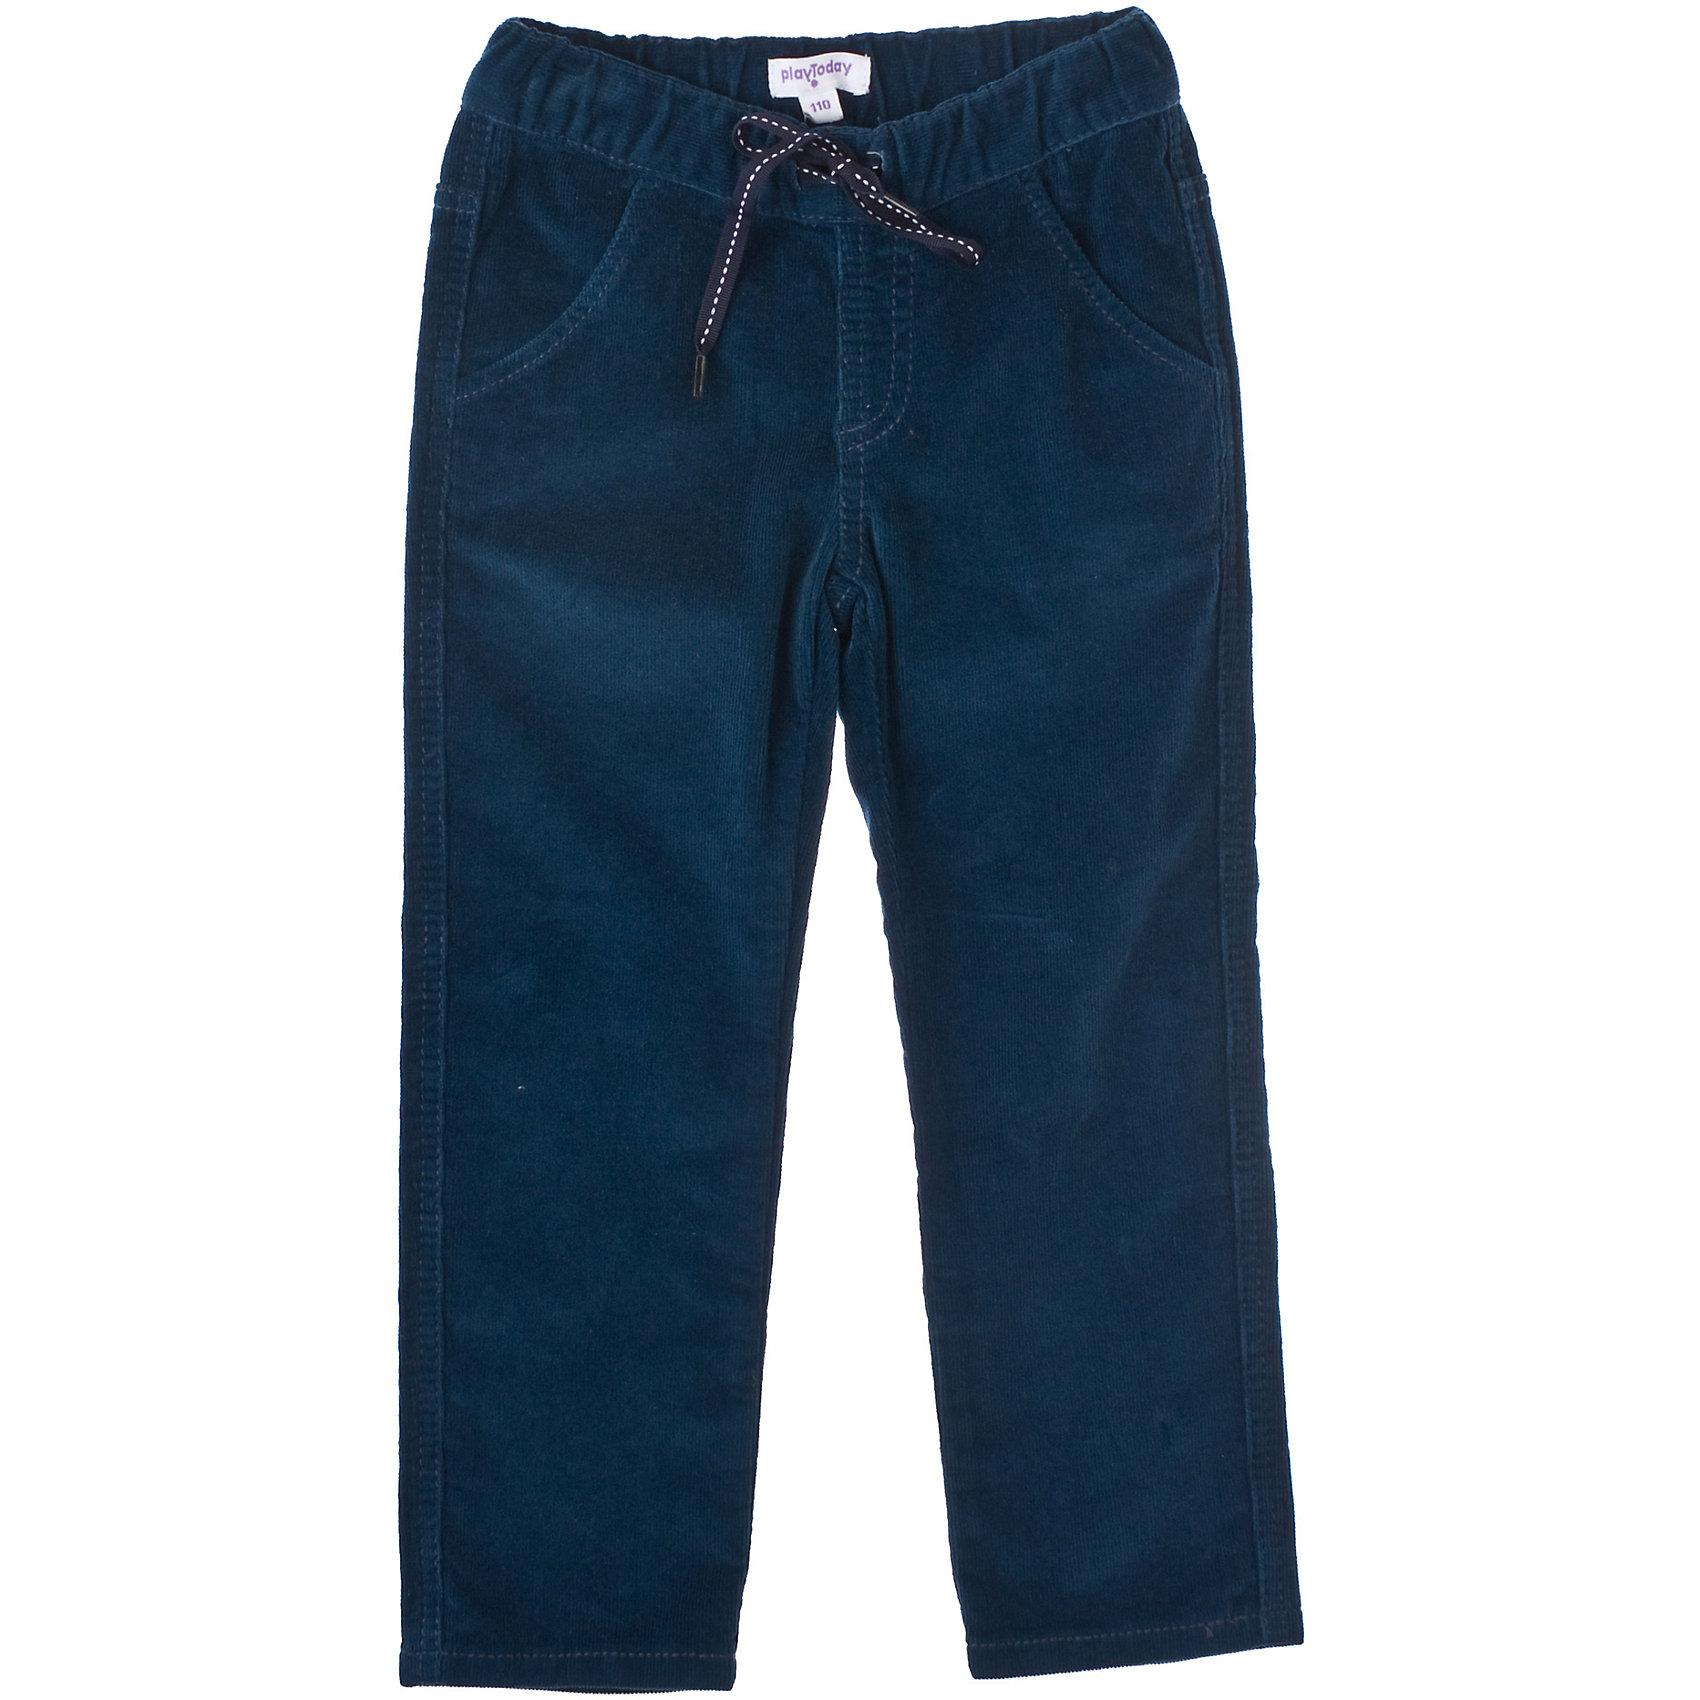 Брюки для мальчика PlayTodayБрюки<br>Брюки для мальчика PlayToday Вельветовые хлопковые брюки. Четыре кармана, на поясе широкая трикотажная резинка. Очень мягкие и приятные на ощупь. Ткань плотная, но эластичная. Состав: 98% хлопок, 2% эластан<br><br>Ширина мм: 215<br>Глубина мм: 88<br>Высота мм: 191<br>Вес г: 336<br>Цвет: темно-синий<br>Возраст от месяцев: 24<br>Возраст до месяцев: 36<br>Пол: Мужской<br>Возраст: Детский<br>Размер: 104,116,128,122,110,98<br>SKU: 4227891